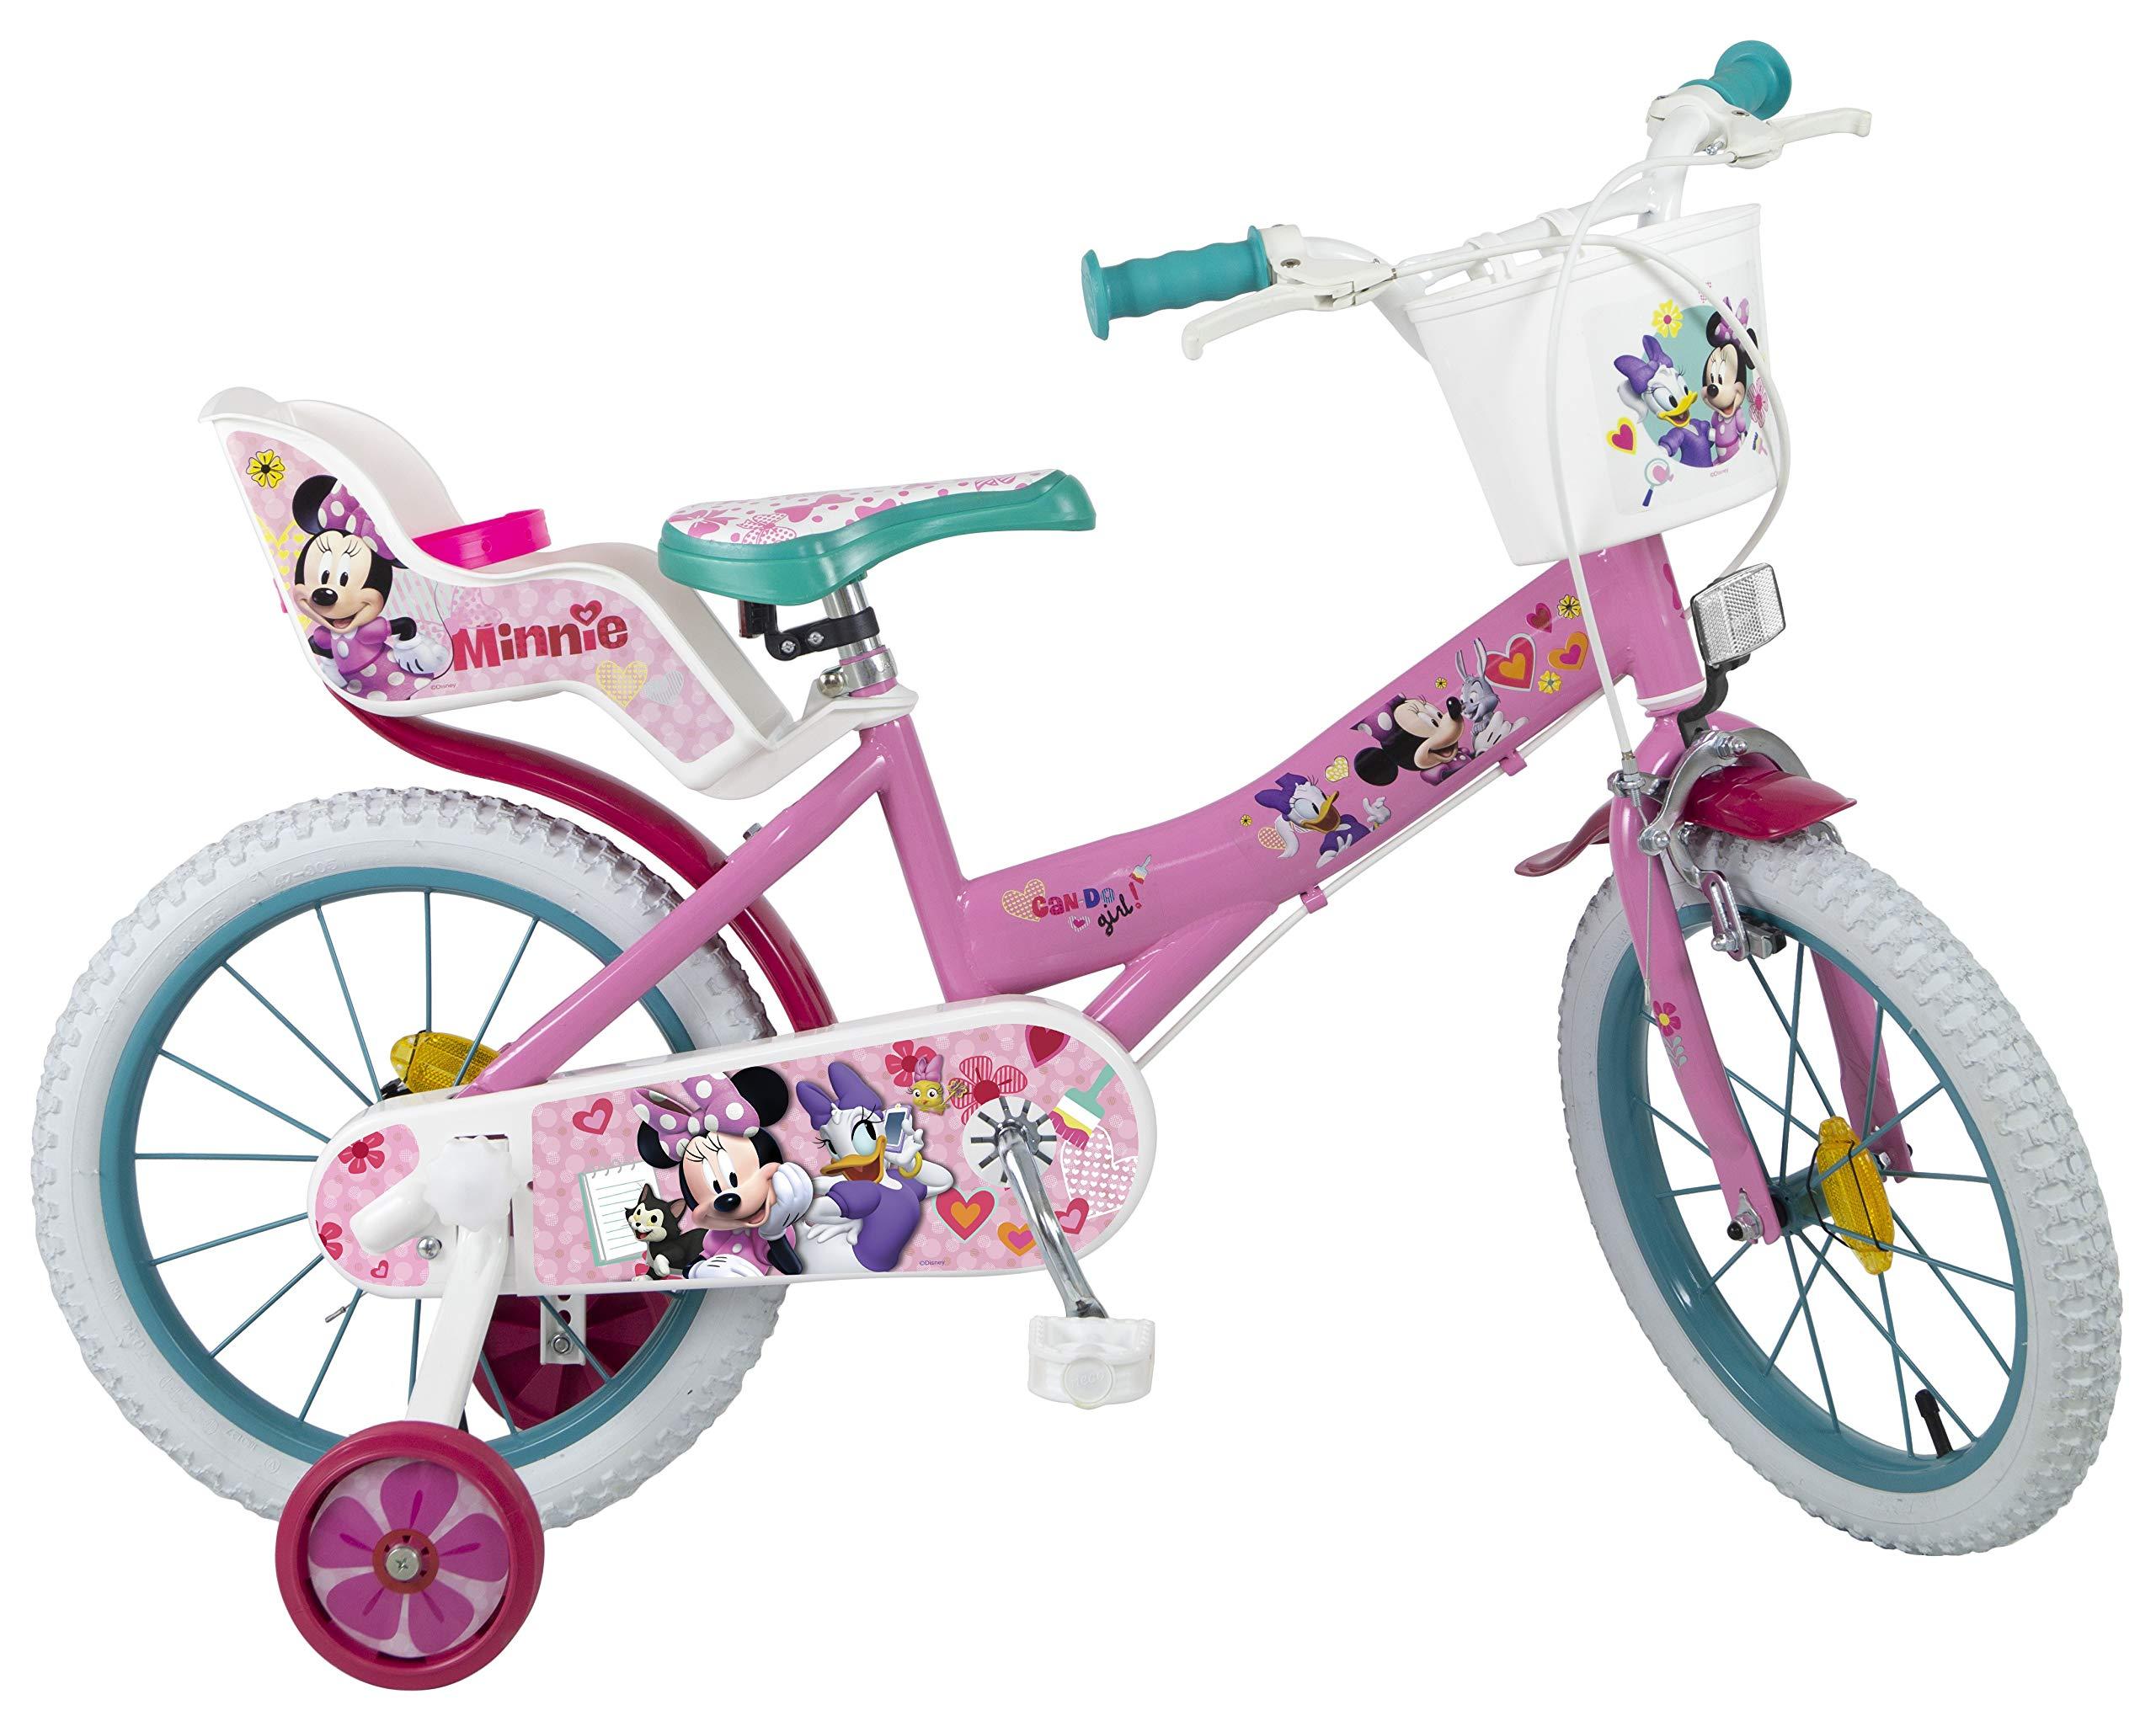 TOIMSA Niños Minnie – Bicicleta Infantil, Color Rosa, 16 Pulgadas: Amazon.es: Deportes y aire libre